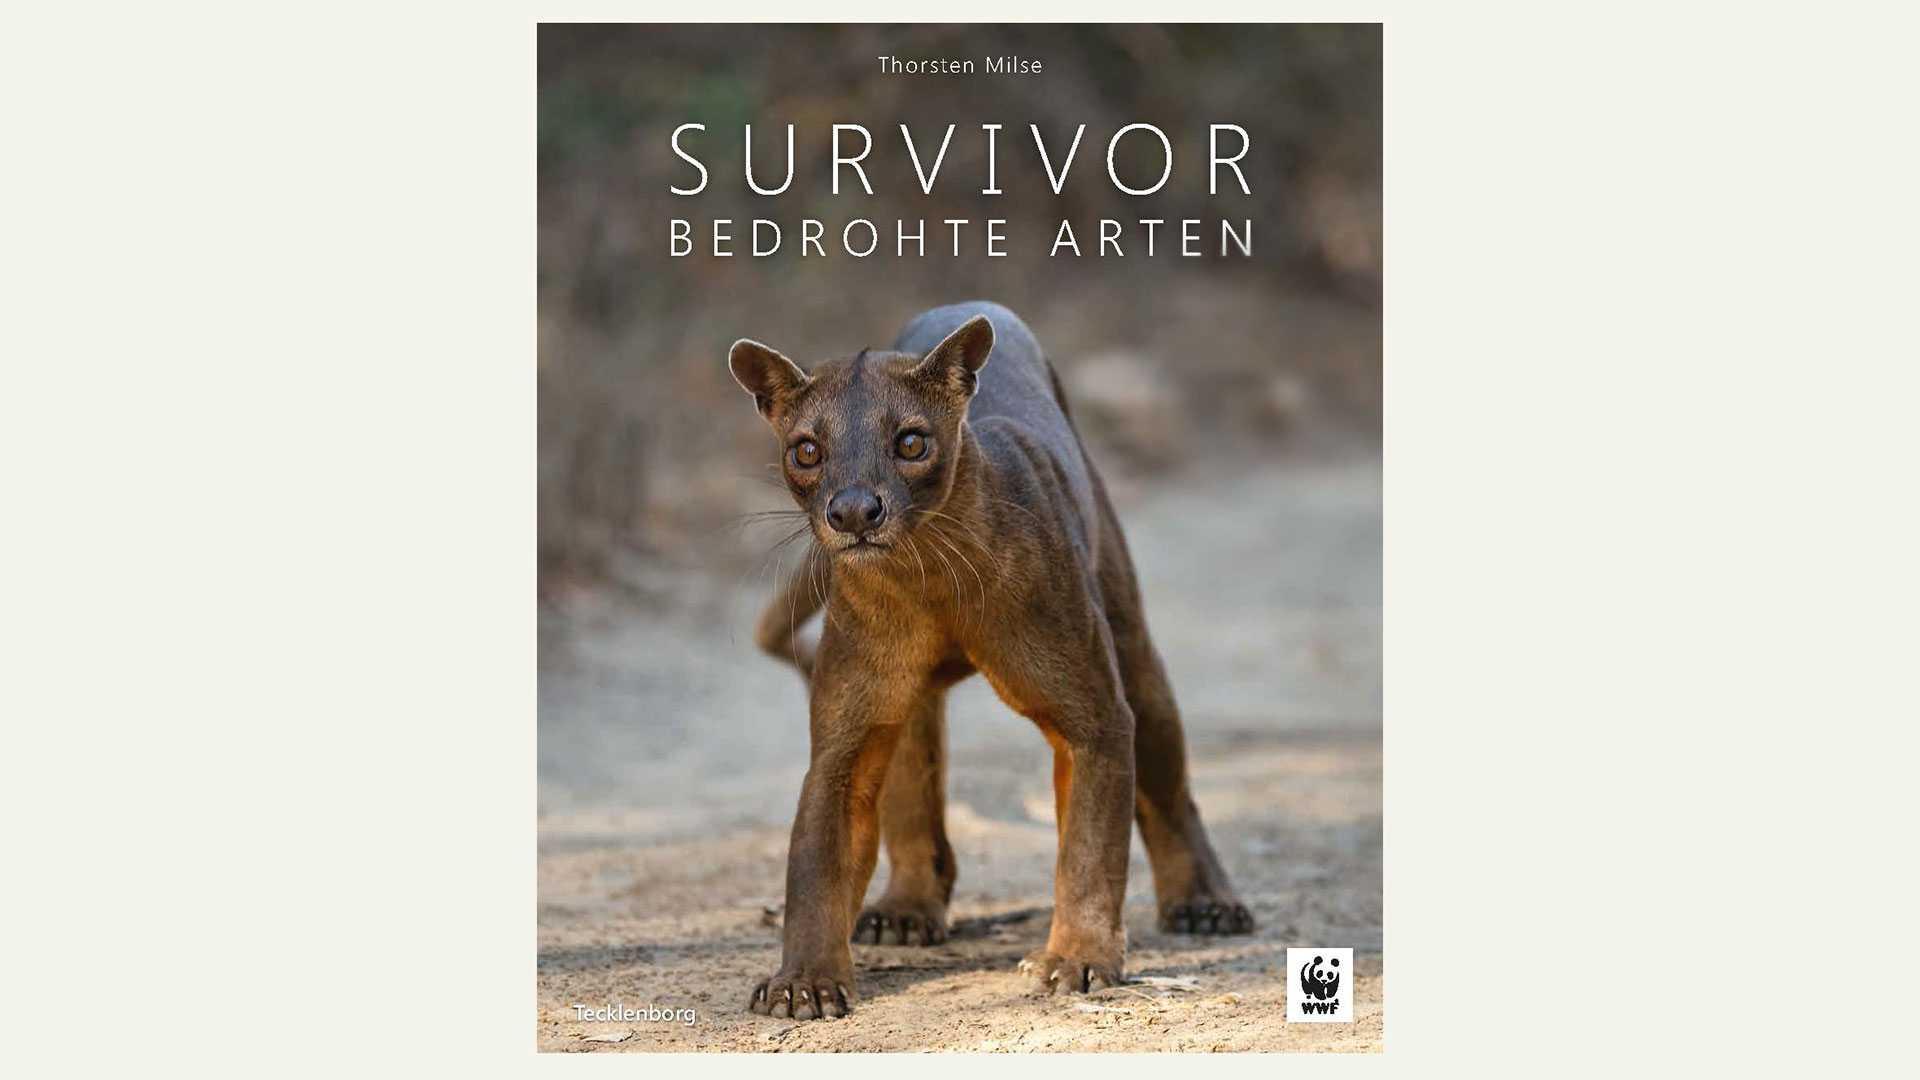 Buch Thorsten Milse Survivor